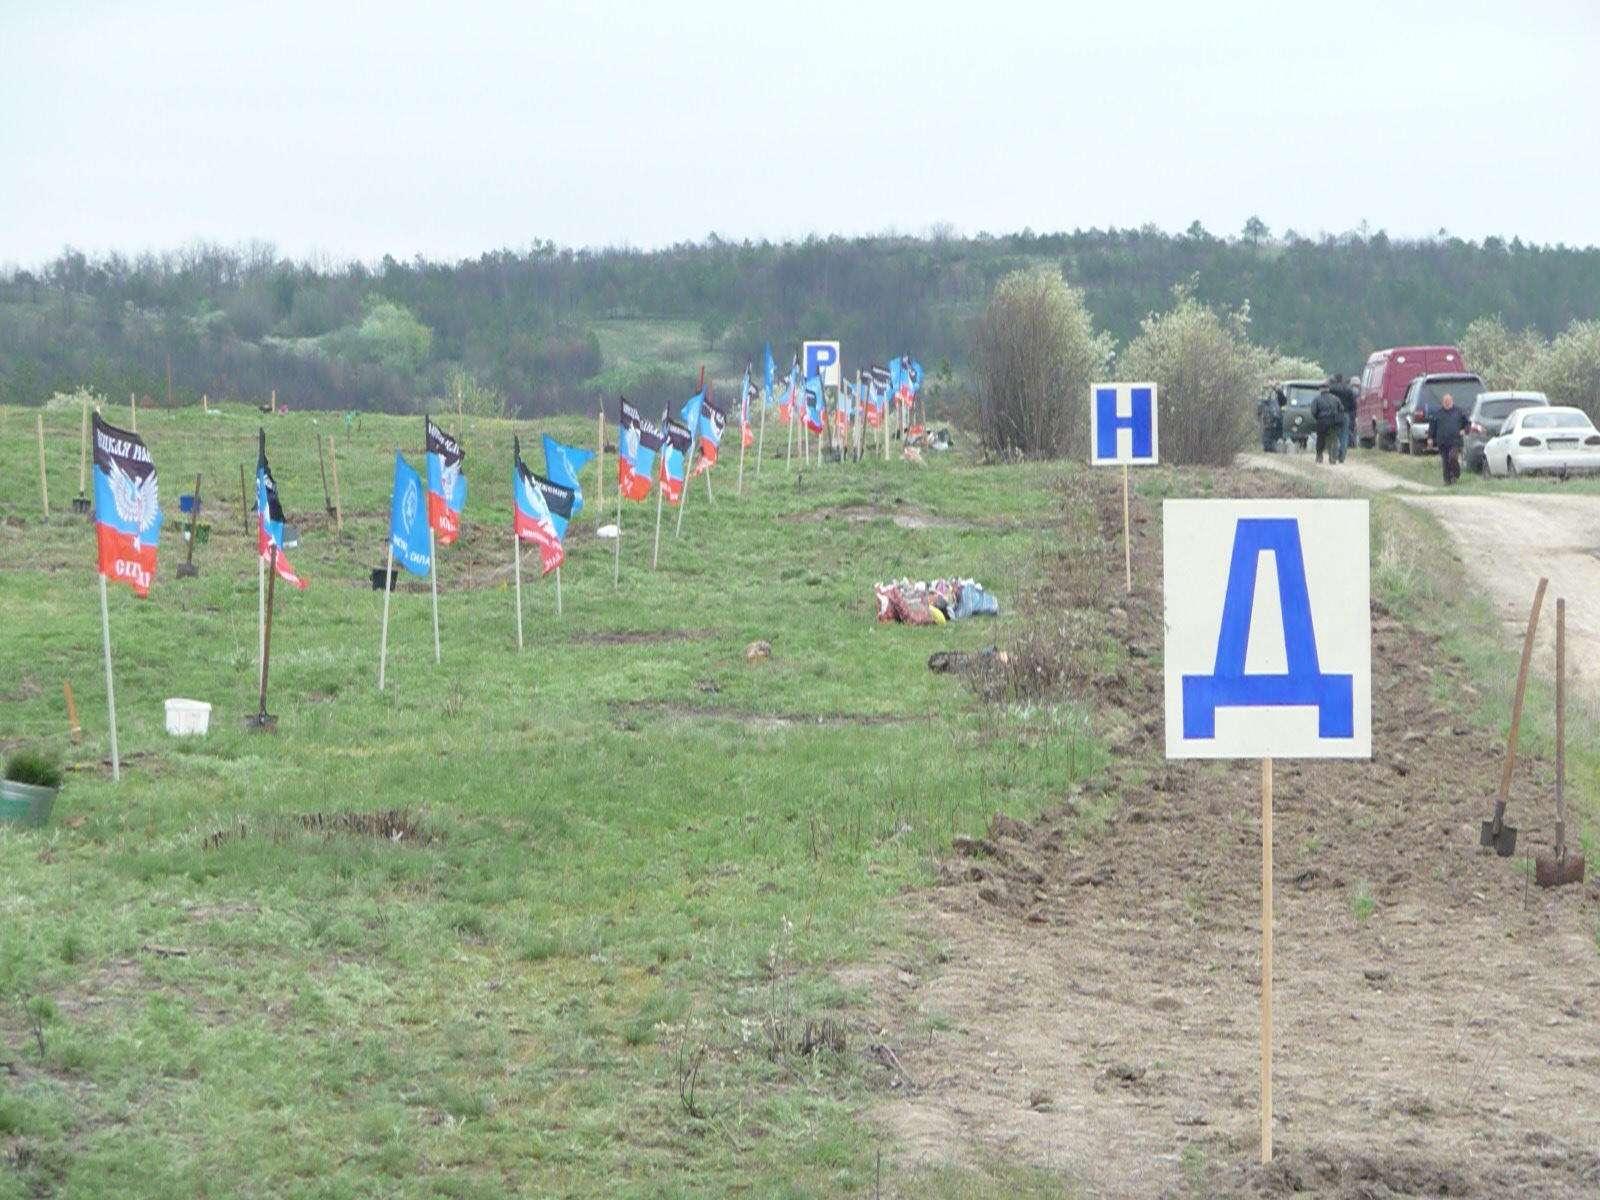 Сосновый бор в виде надписи «ДНР» высажен на месте леса, сожженного ВСУ 9510